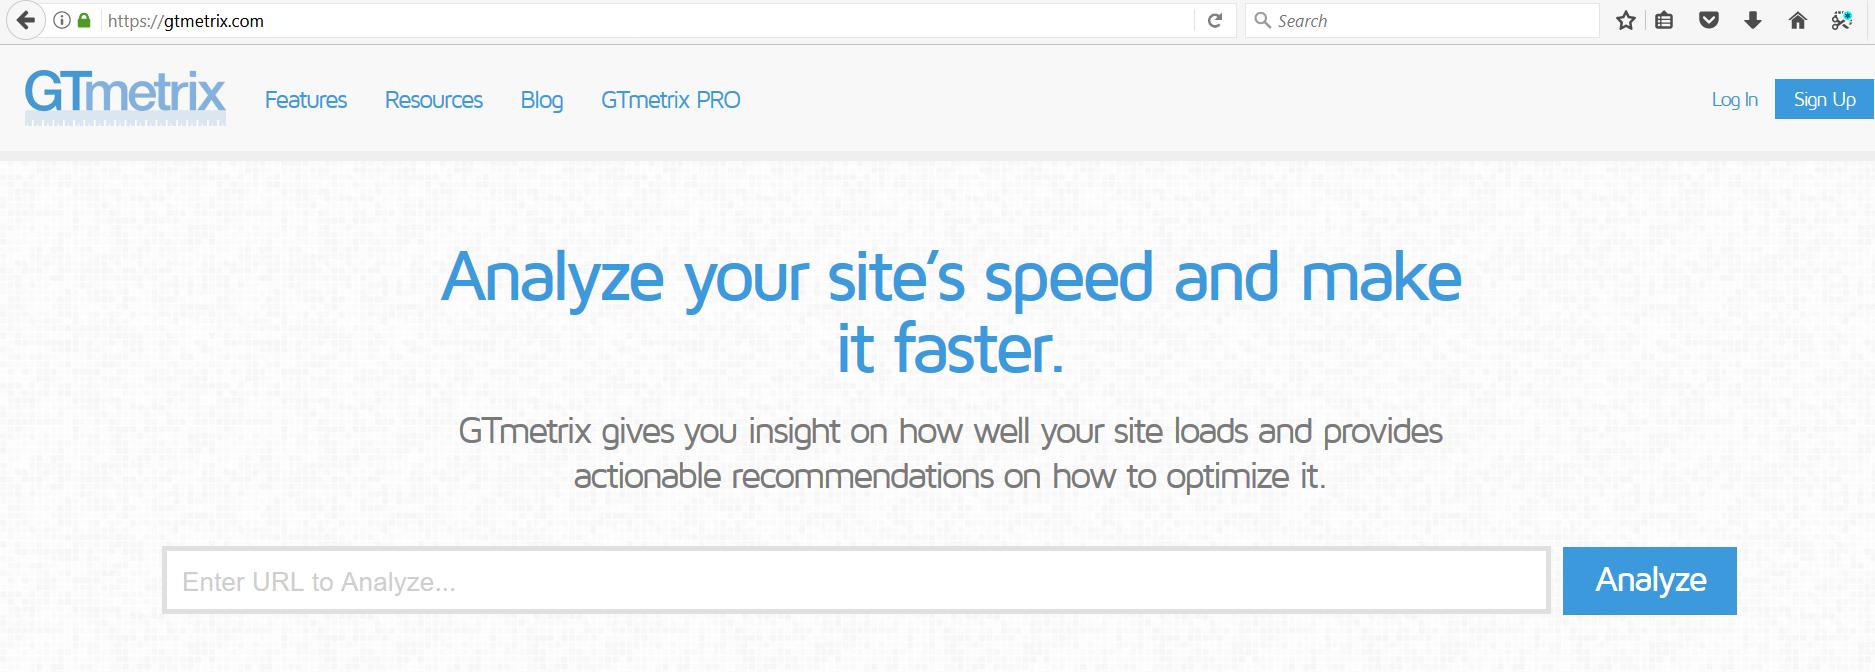 ابزار سنجش سرعت سایت در سئو